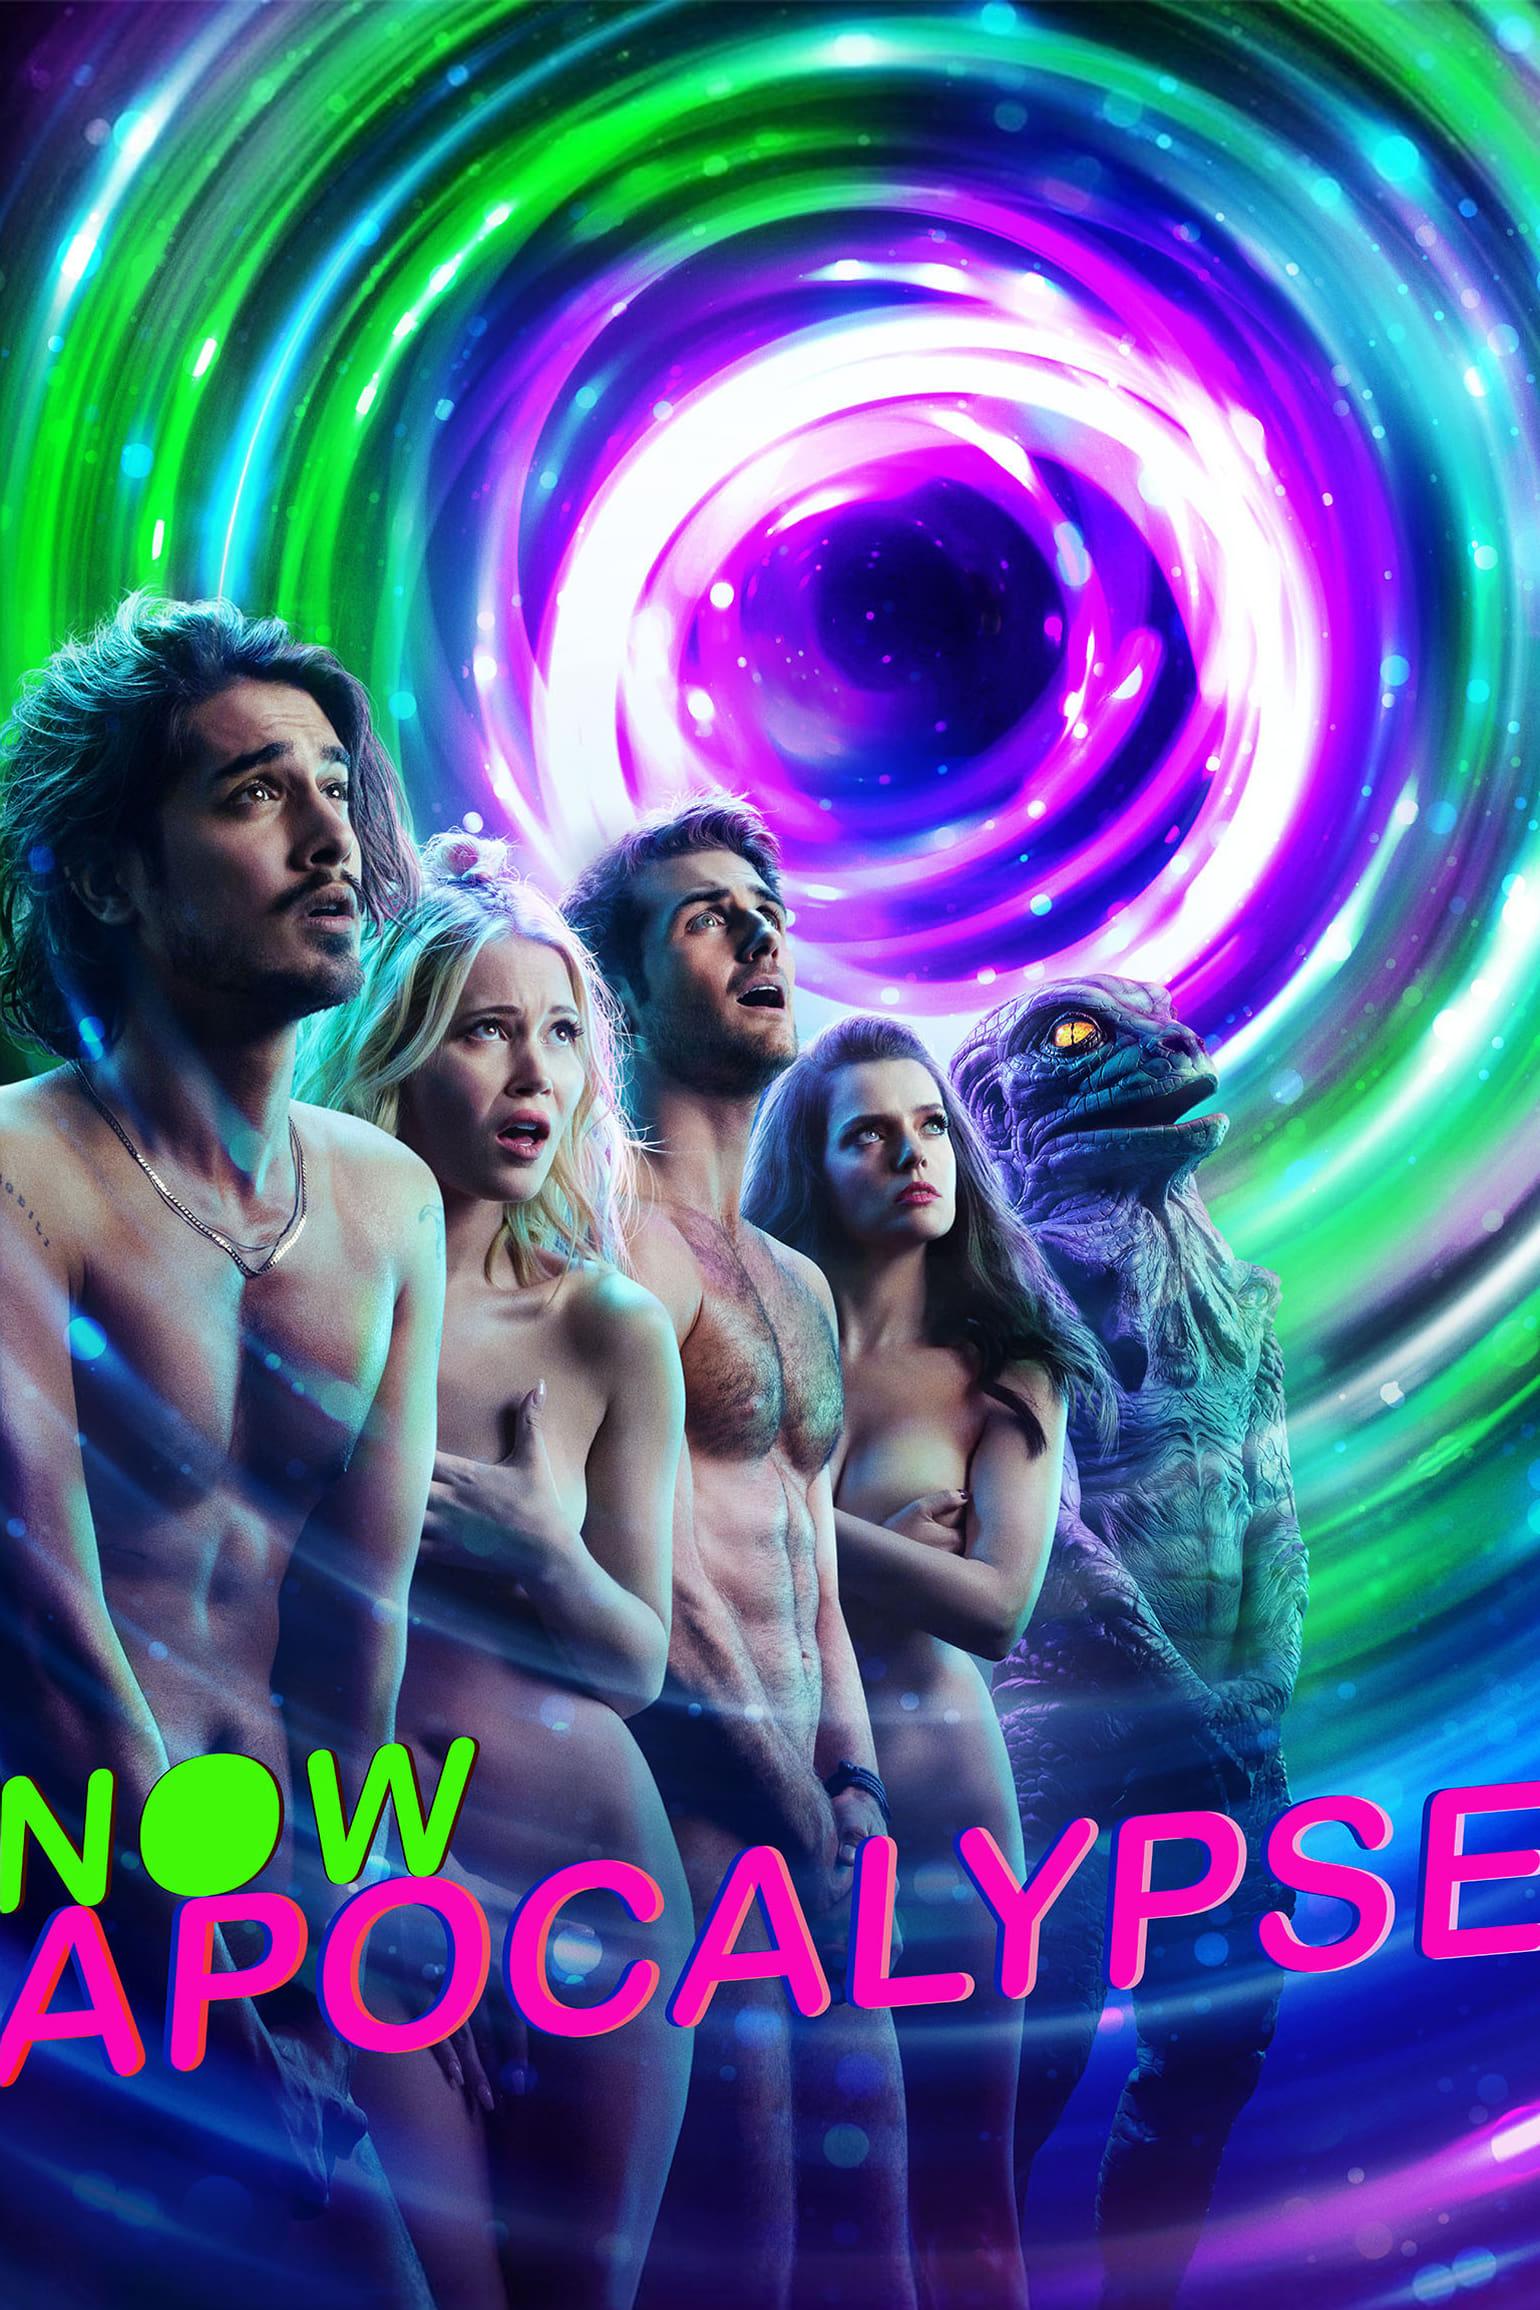 Now Apocalypse (2019)